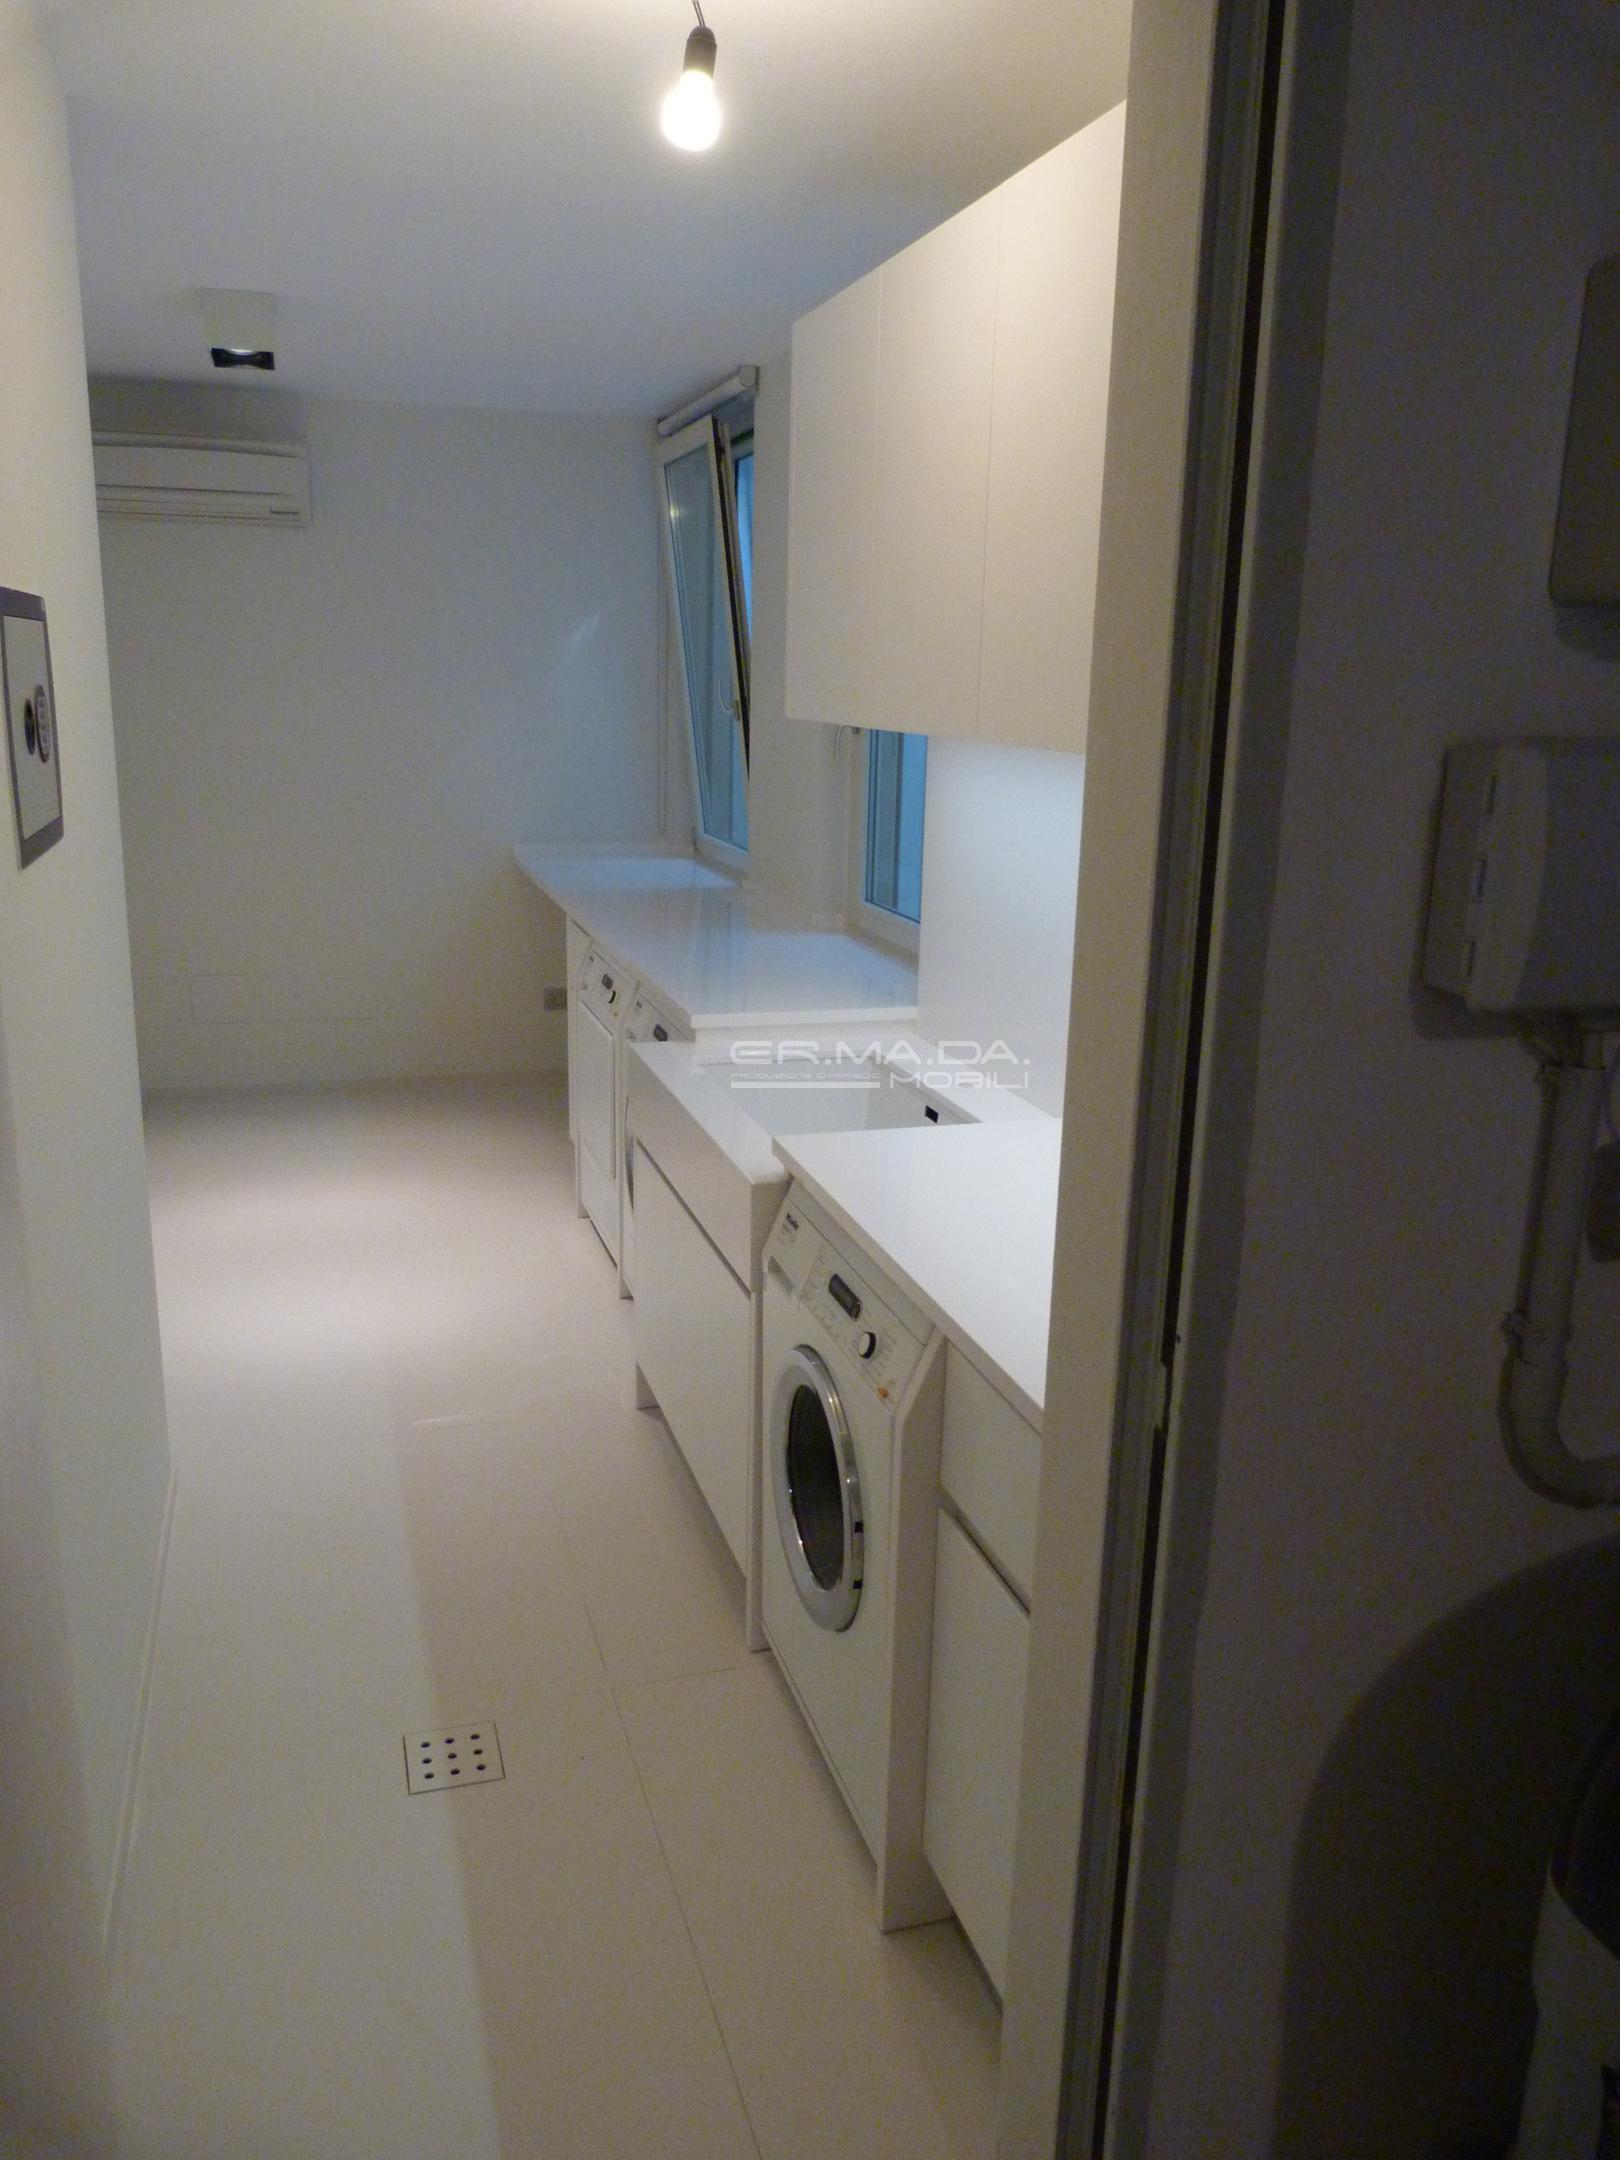 Bagno lavanderia 10 er ma da mobilificio progetta e for Progetta i tuoi mobili online